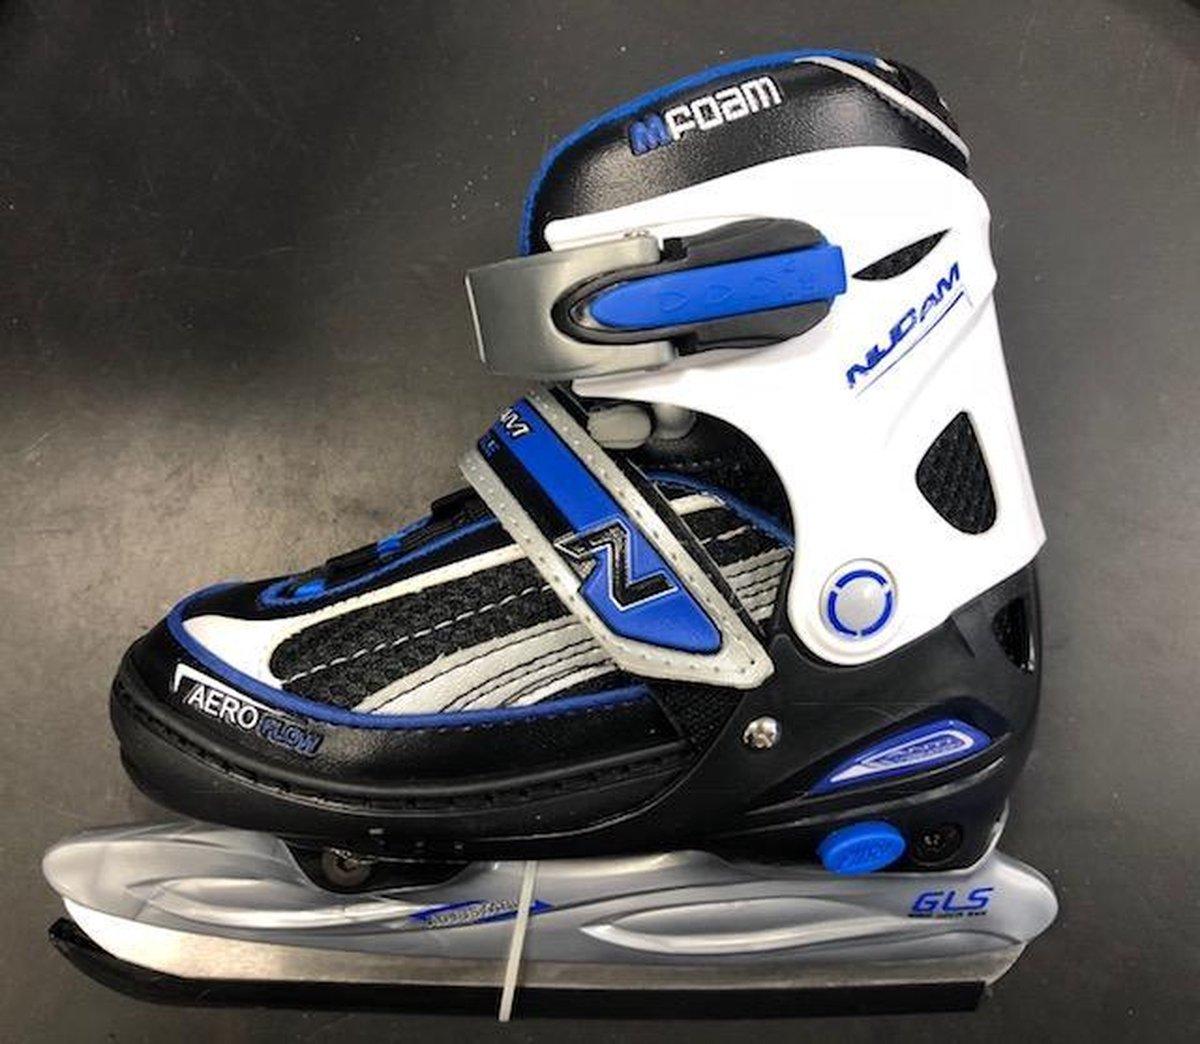 Nijdam 0128 Junior IJshockeyschaats - Verstelbaar - Semi-Softboot - Zwart/Blauw - Maat 30-33,Nijdam